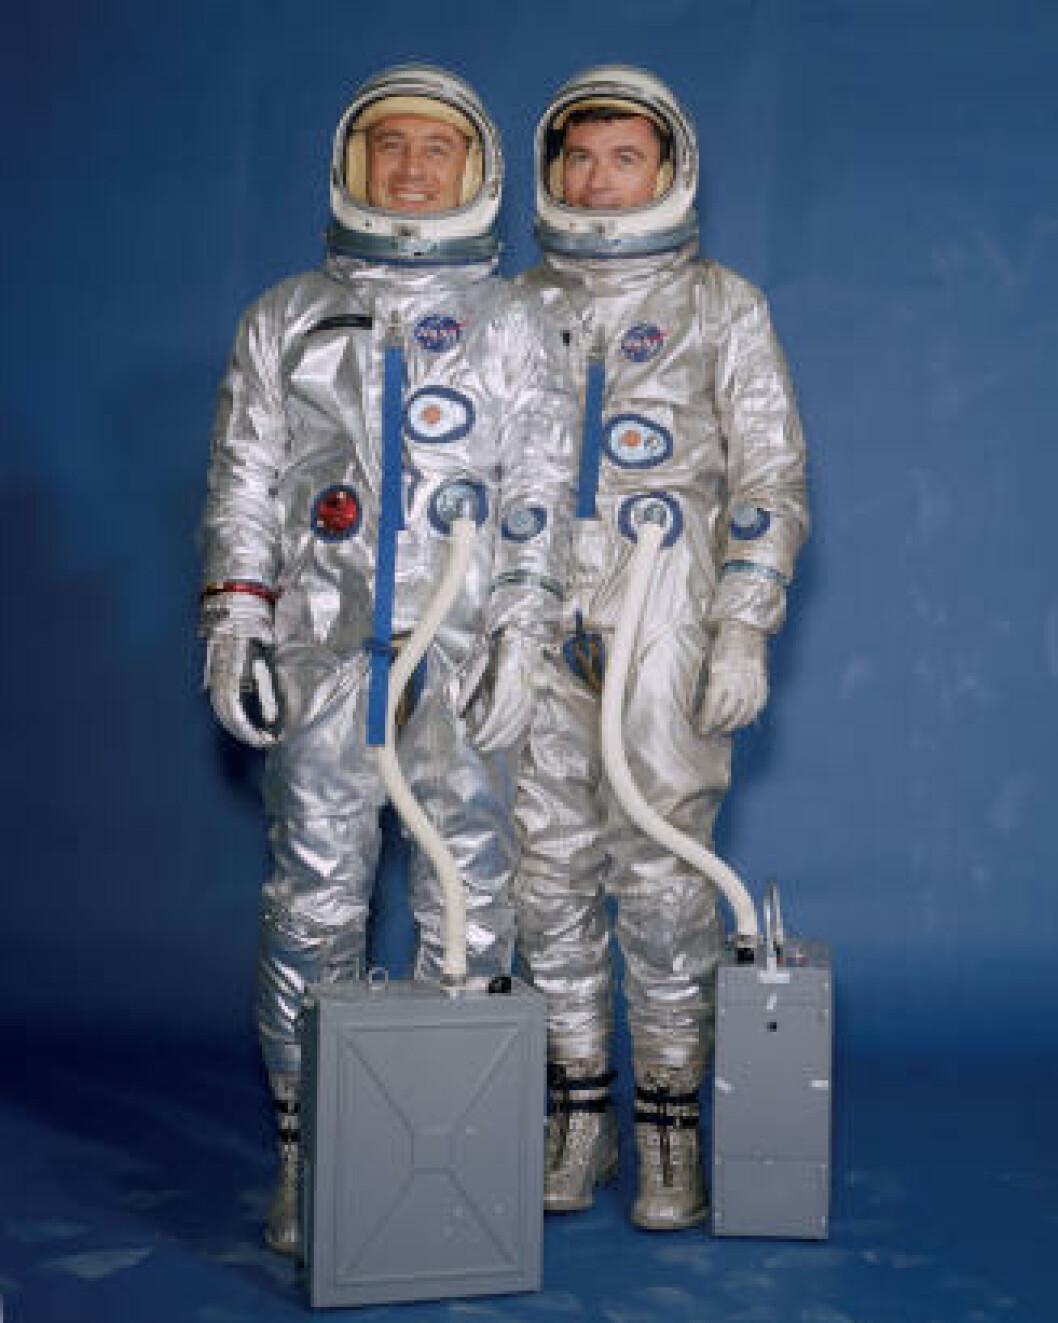 <strong>PROSJEKT GEMINI:</strong> Astronautene Gus Grissom (t.v.) og John Young poserer med romdraktene fra 1965. Foto: NASA